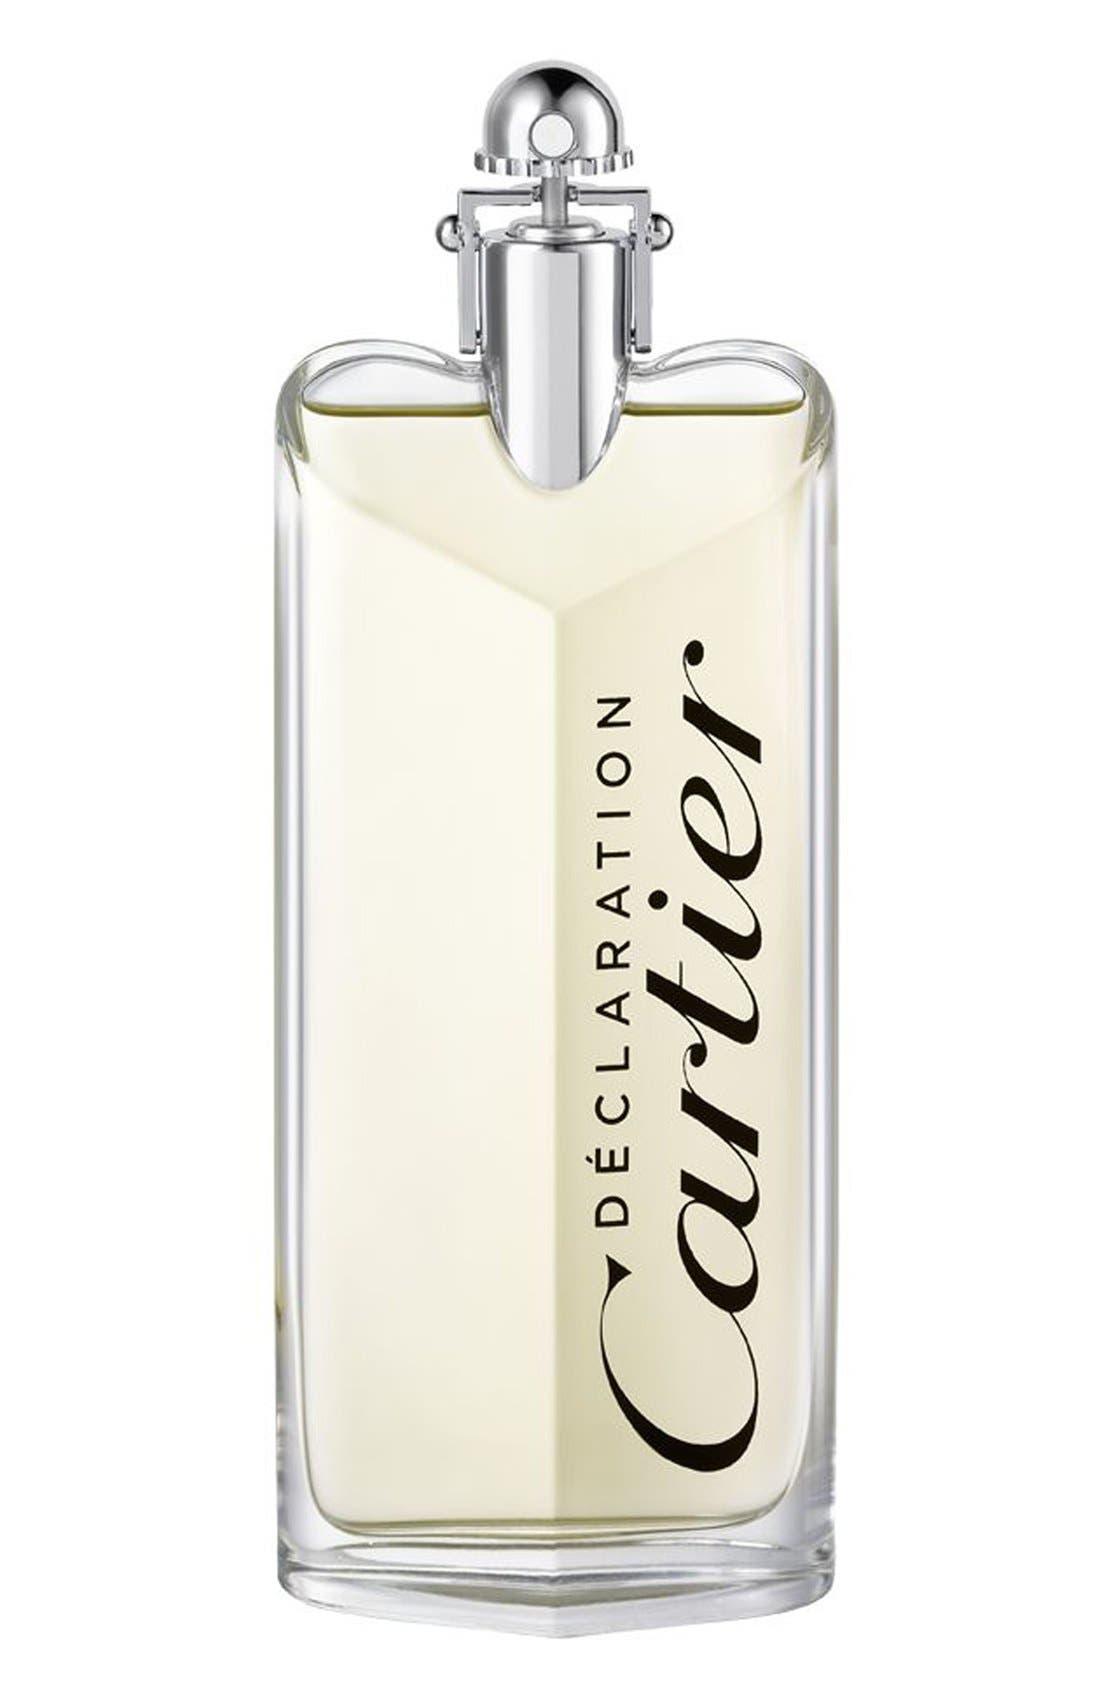 Cartier 'Déclaration' Eau de Toilette